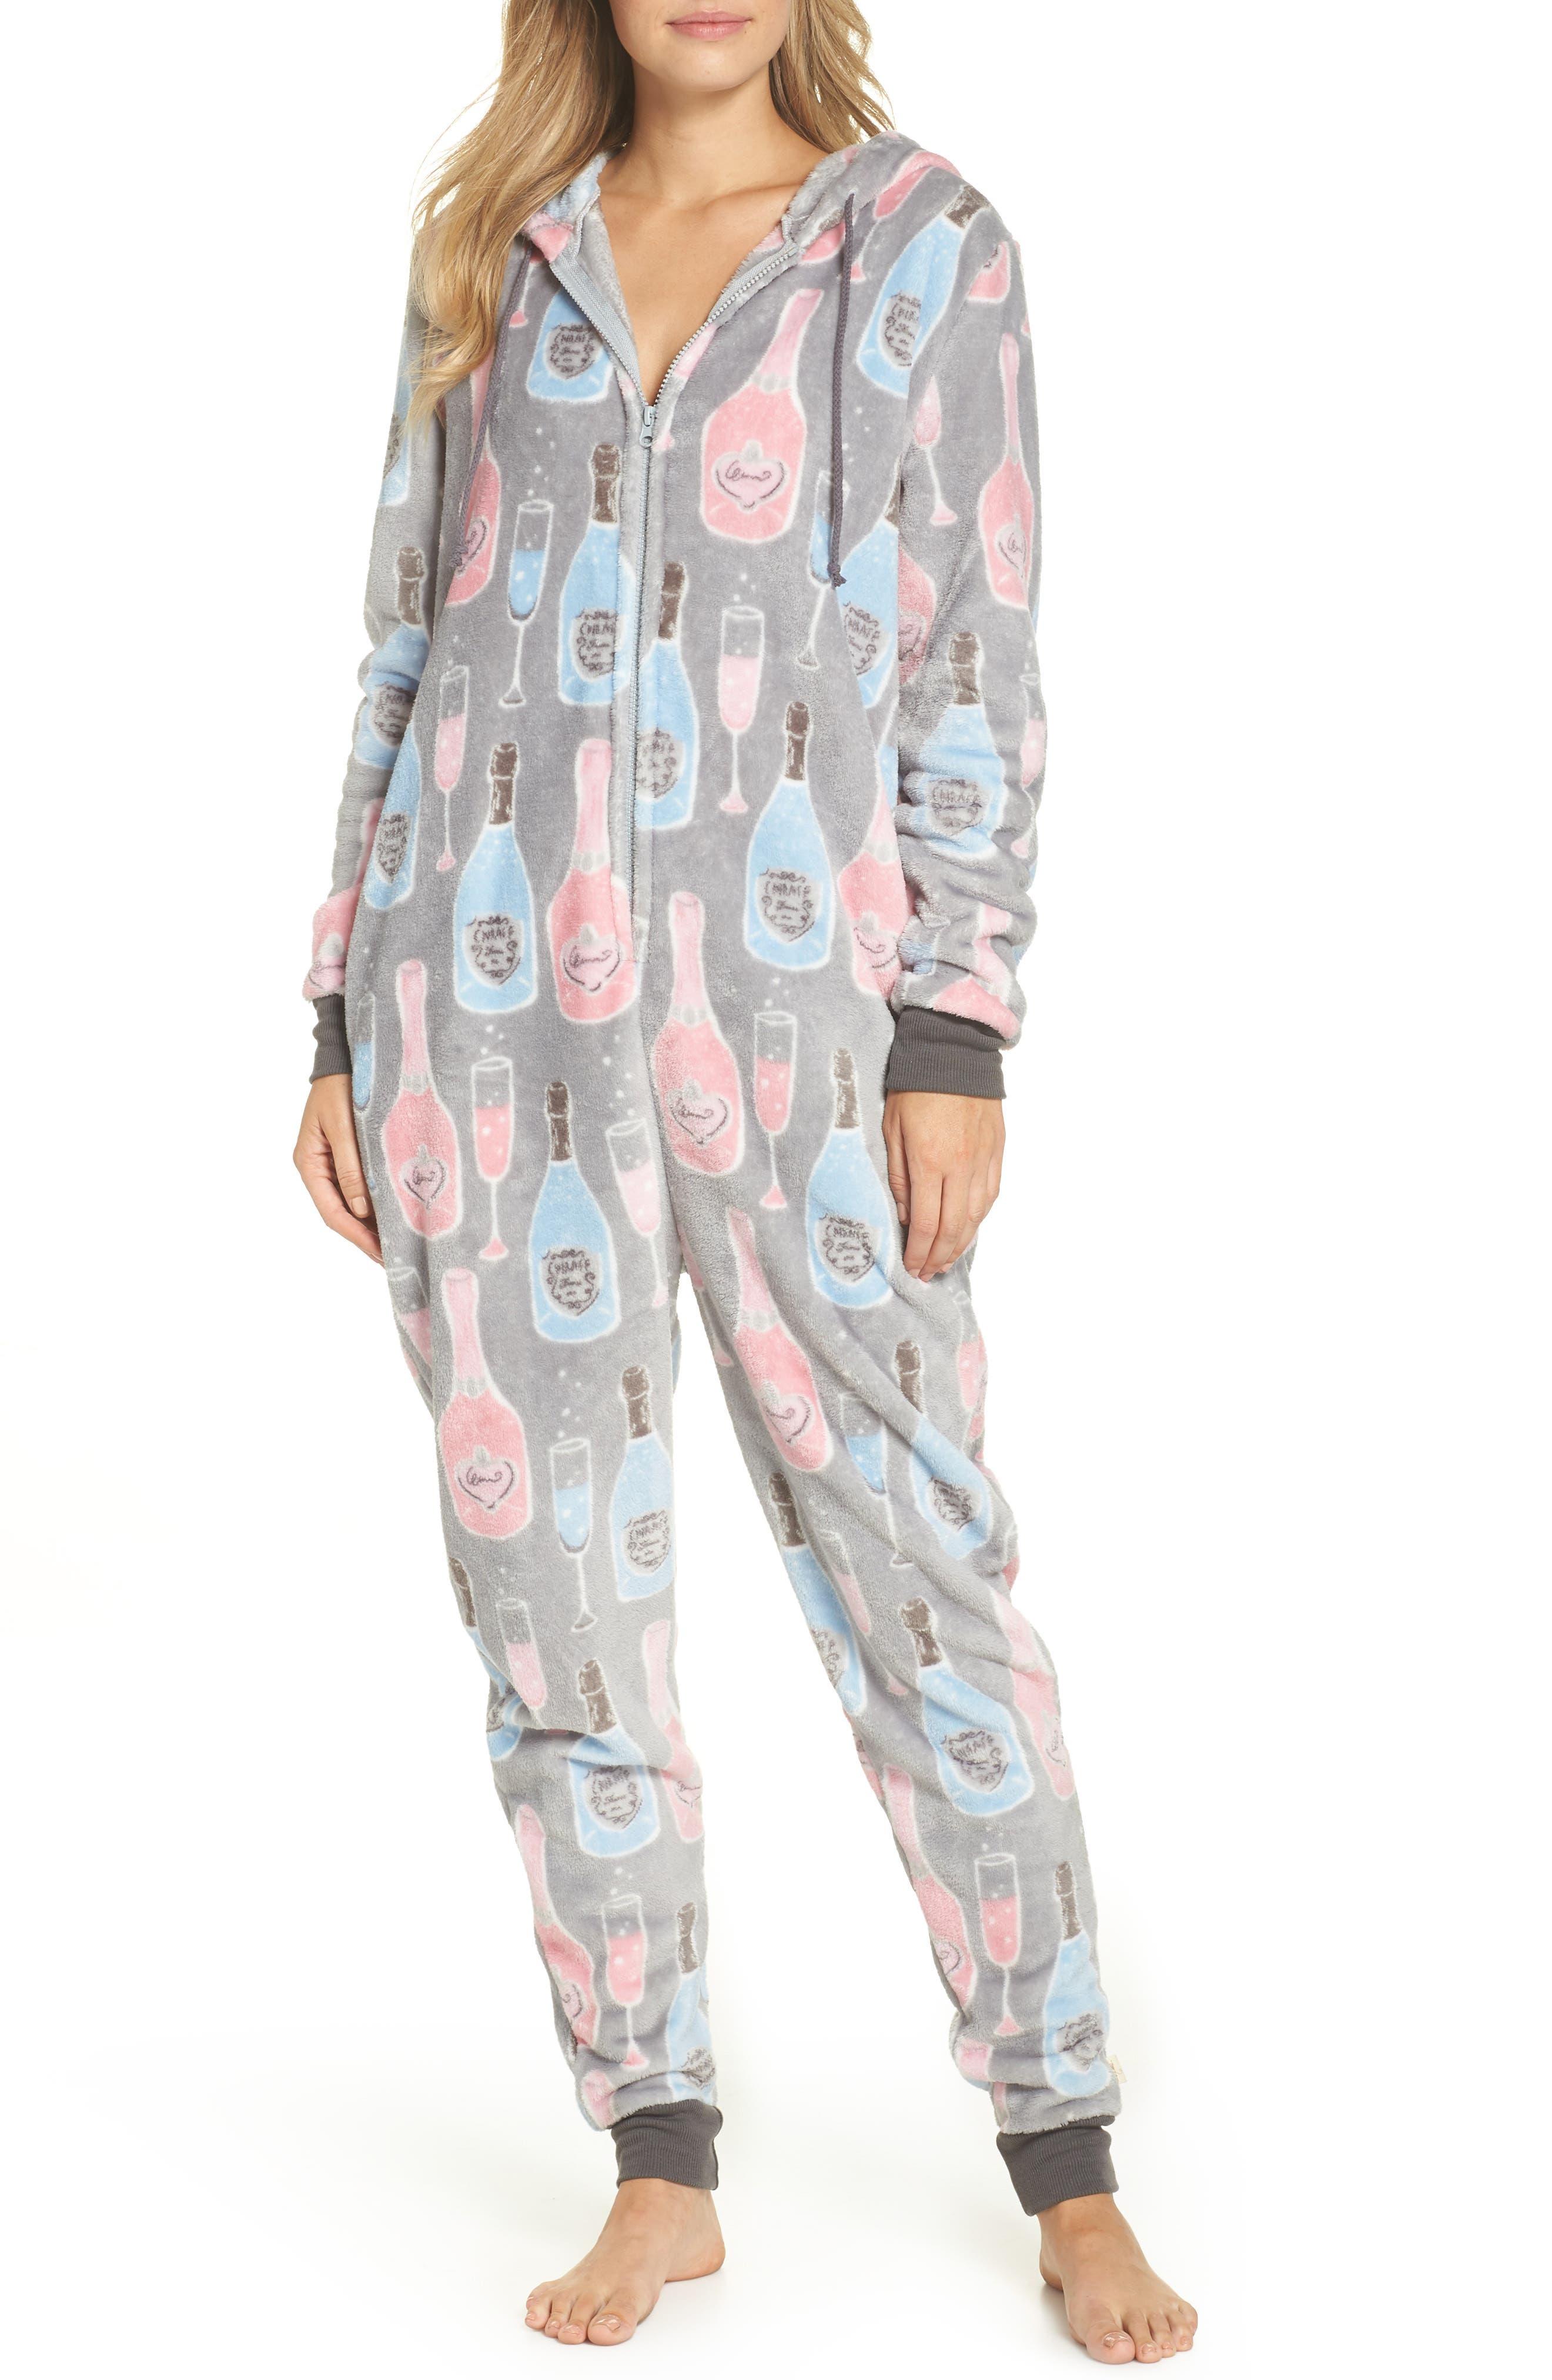 Munki Munki Plush Union Suit One-Piece Pajamas, Grey